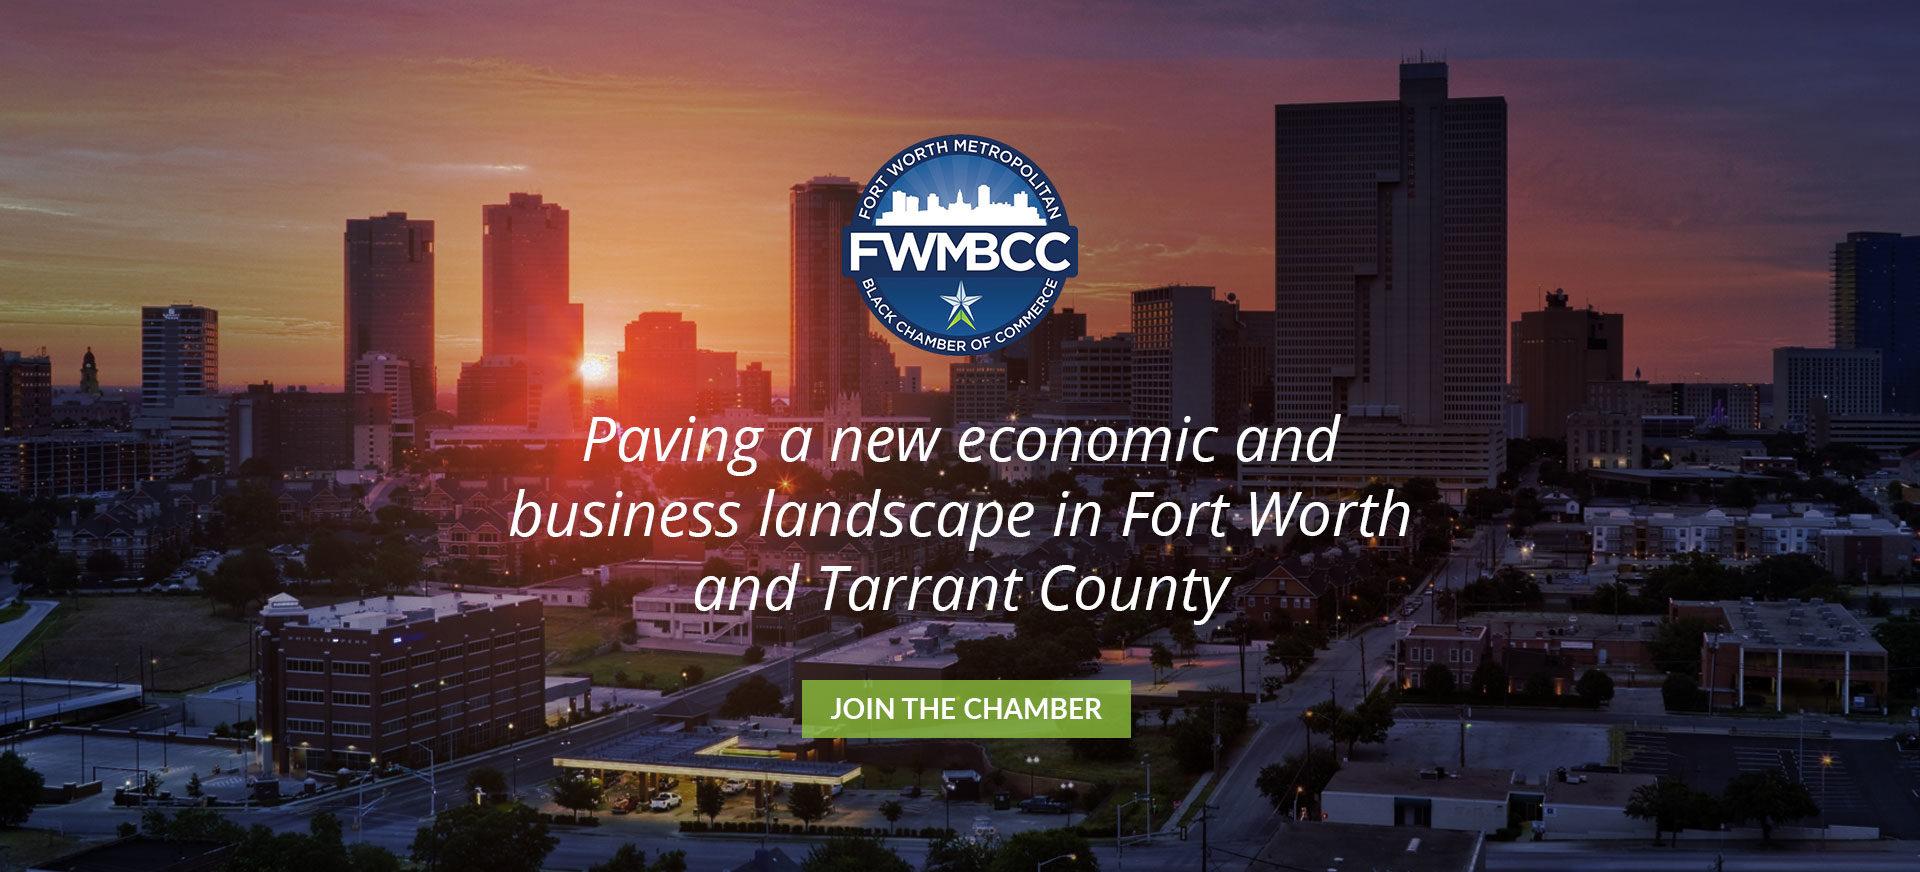 FWMBCC